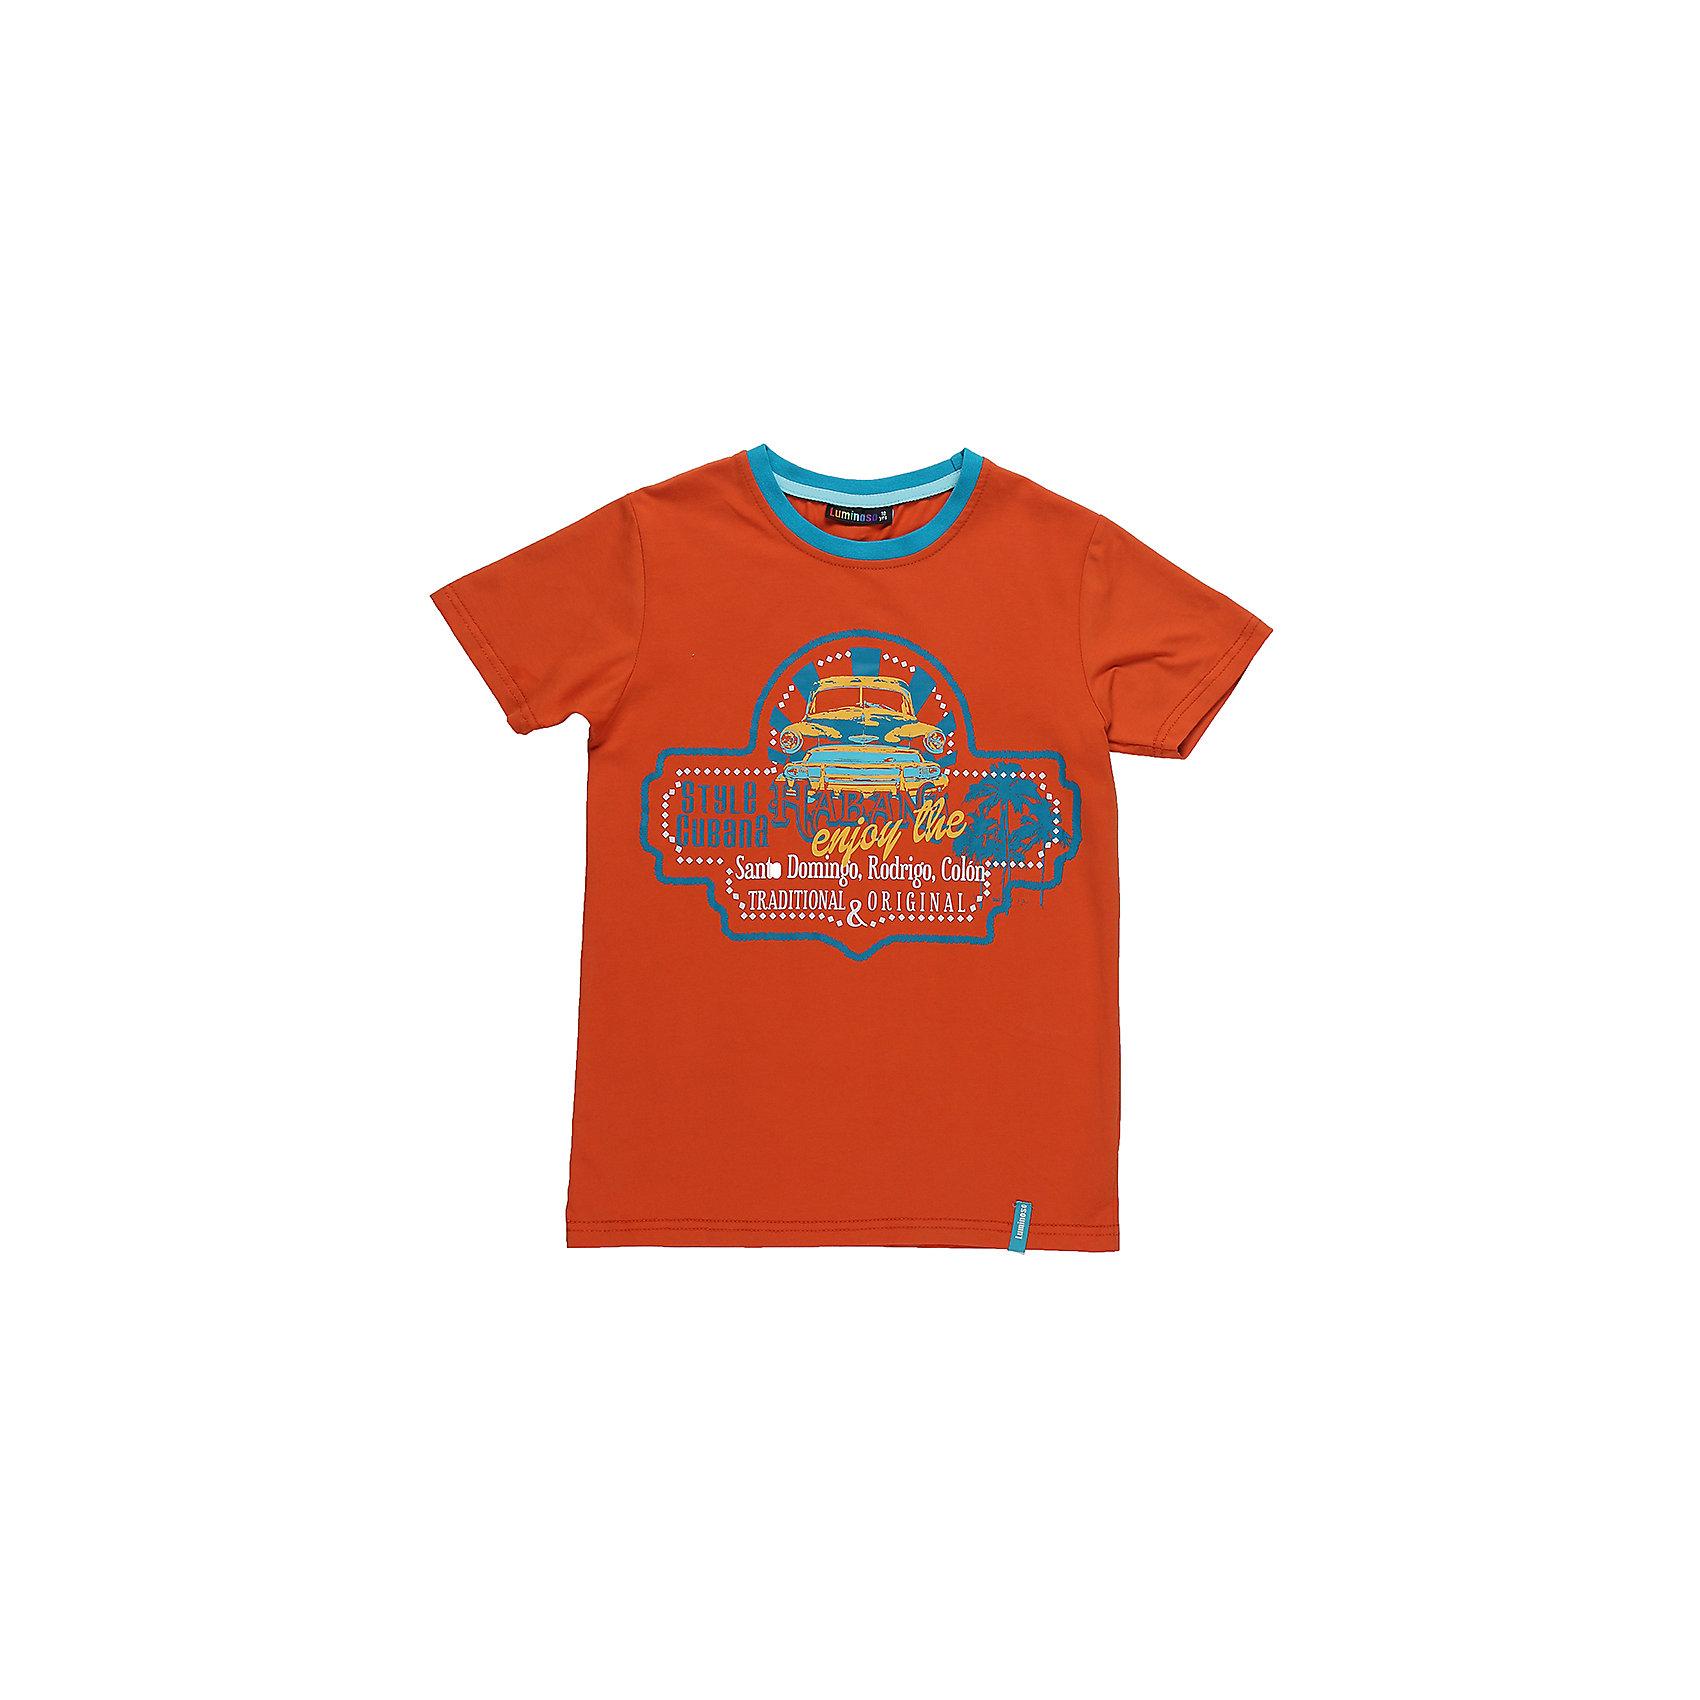 Футболка для мальчика LuminosoСтильная футболка из трикотажной ткани для мальчика с коротким рукавом. Декорирована ярким принтом. Горловина выделена контрастным кантом.<br>Состав:<br>95%хлопок 5%эластан<br><br>Ширина мм: 199<br>Глубина мм: 10<br>Высота мм: 161<br>Вес г: 151<br>Цвет: оранжевый<br>Возраст от месяцев: 96<br>Возраст до месяцев: 108<br>Пол: Мужской<br>Возраст: Детский<br>Размер: 134,140,146,152,158,164<br>SKU: 5409782